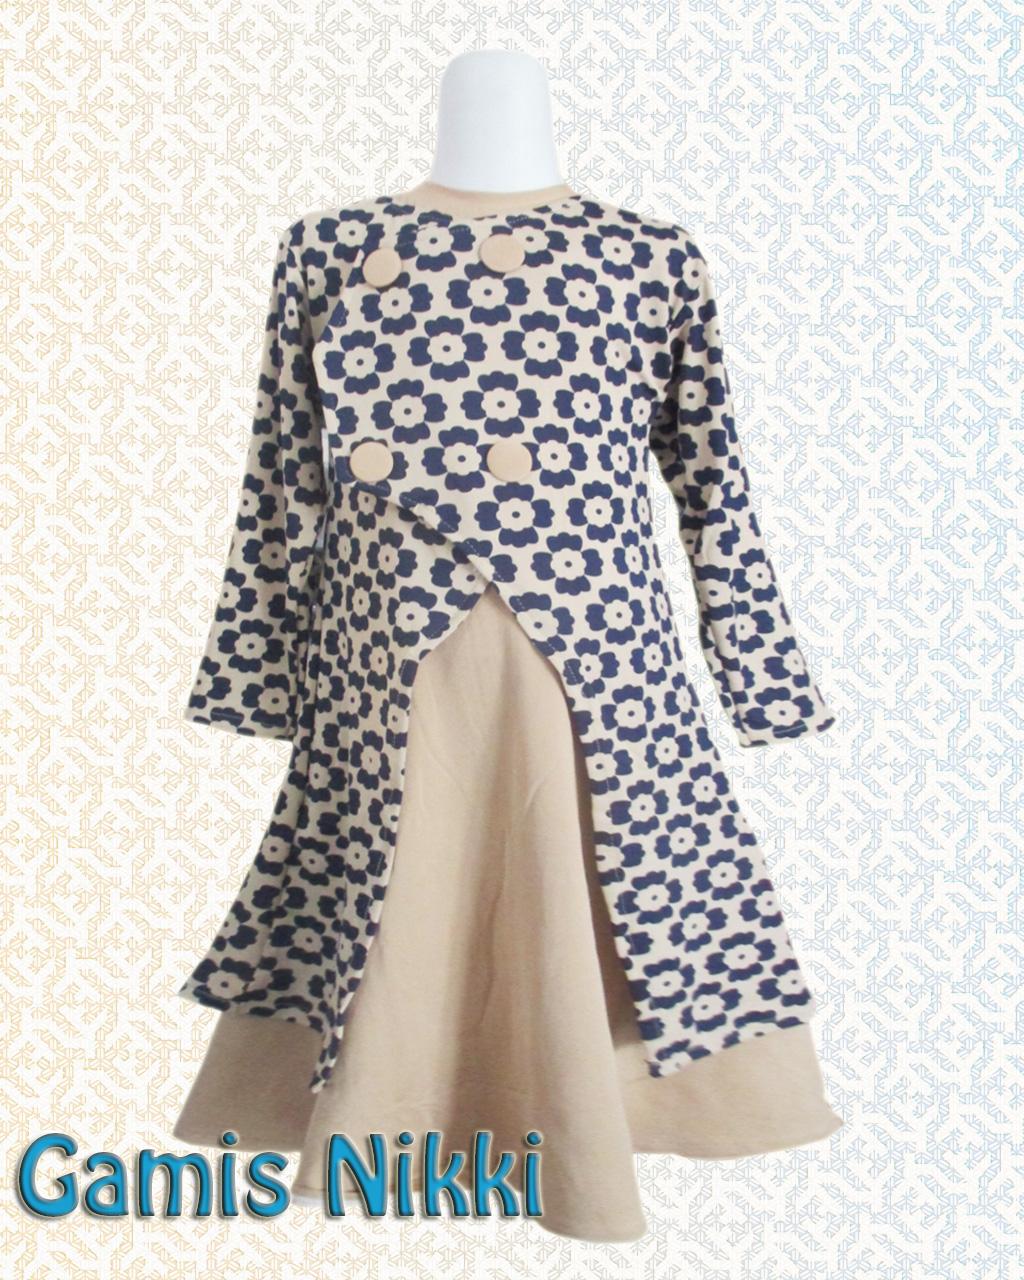 ObralanBaju.com Obral Baju Pakaian Murah Meriah 5000 Gamis Nikki